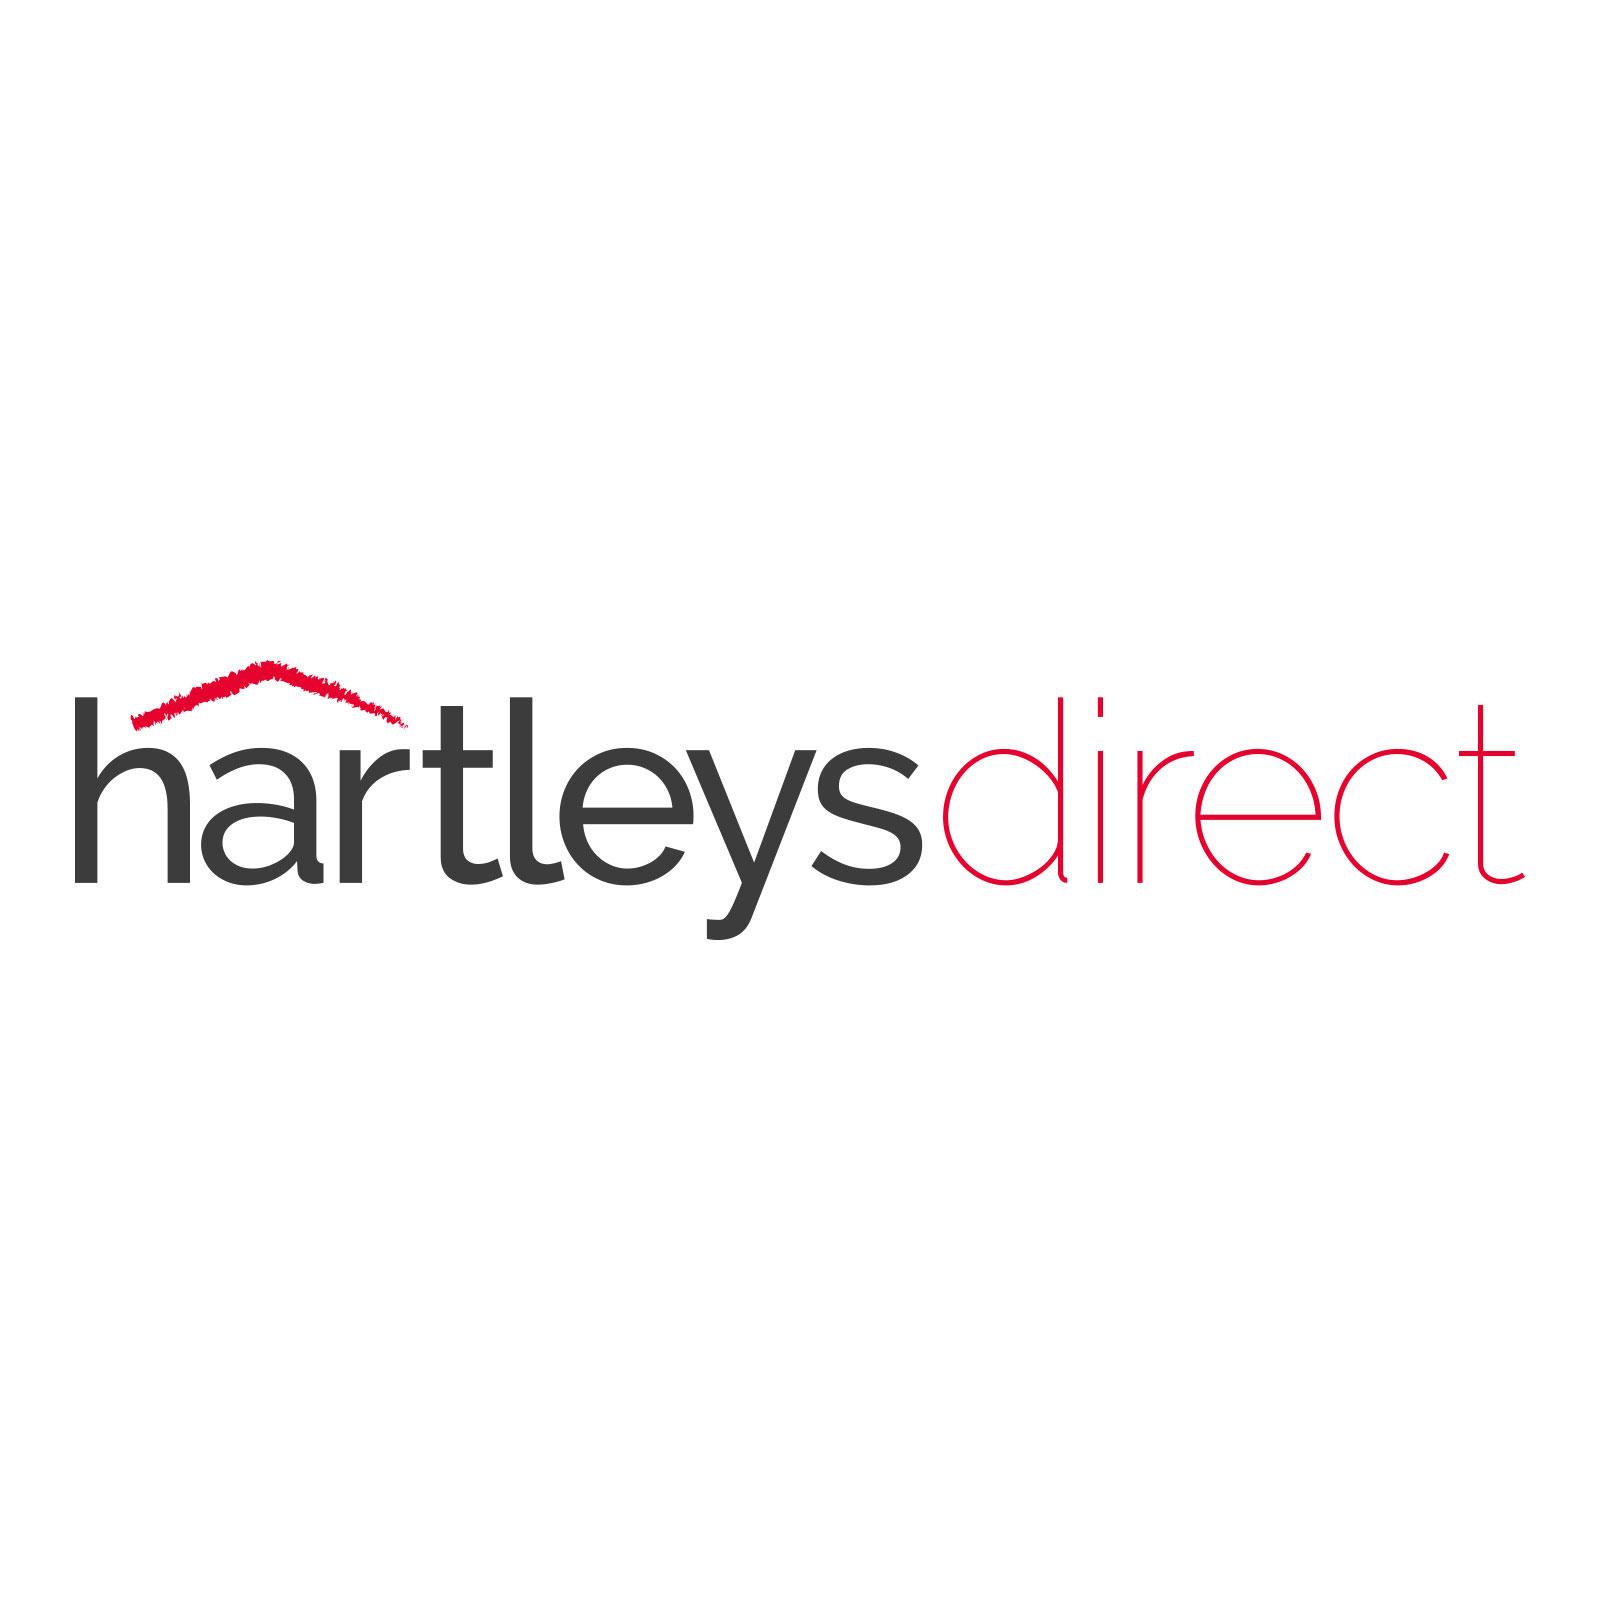 Hartleys-White-8ft-Folding-Table-on-White-Background.jpg